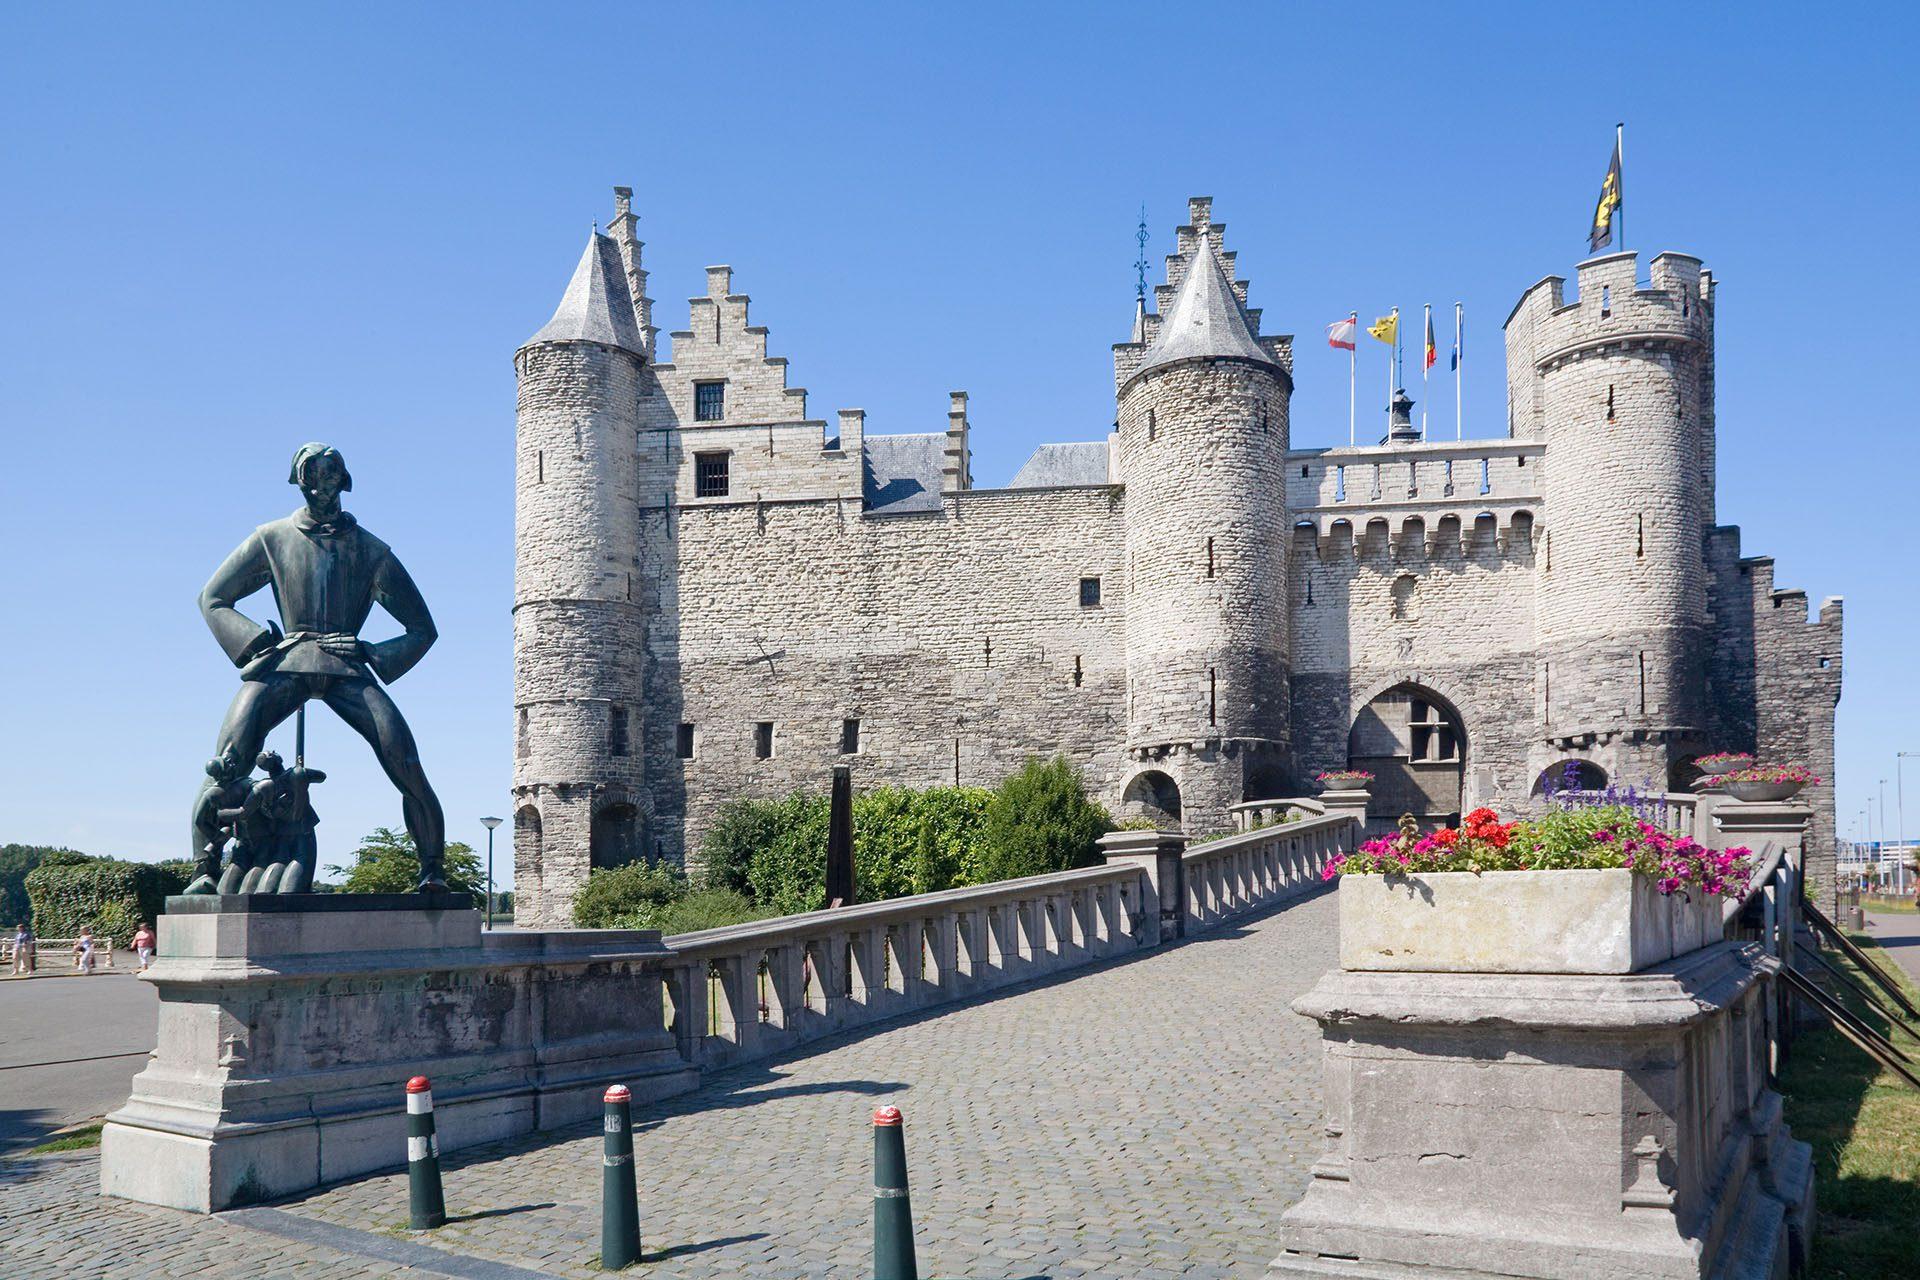 Visite gay d'Anvers (Antwerp)